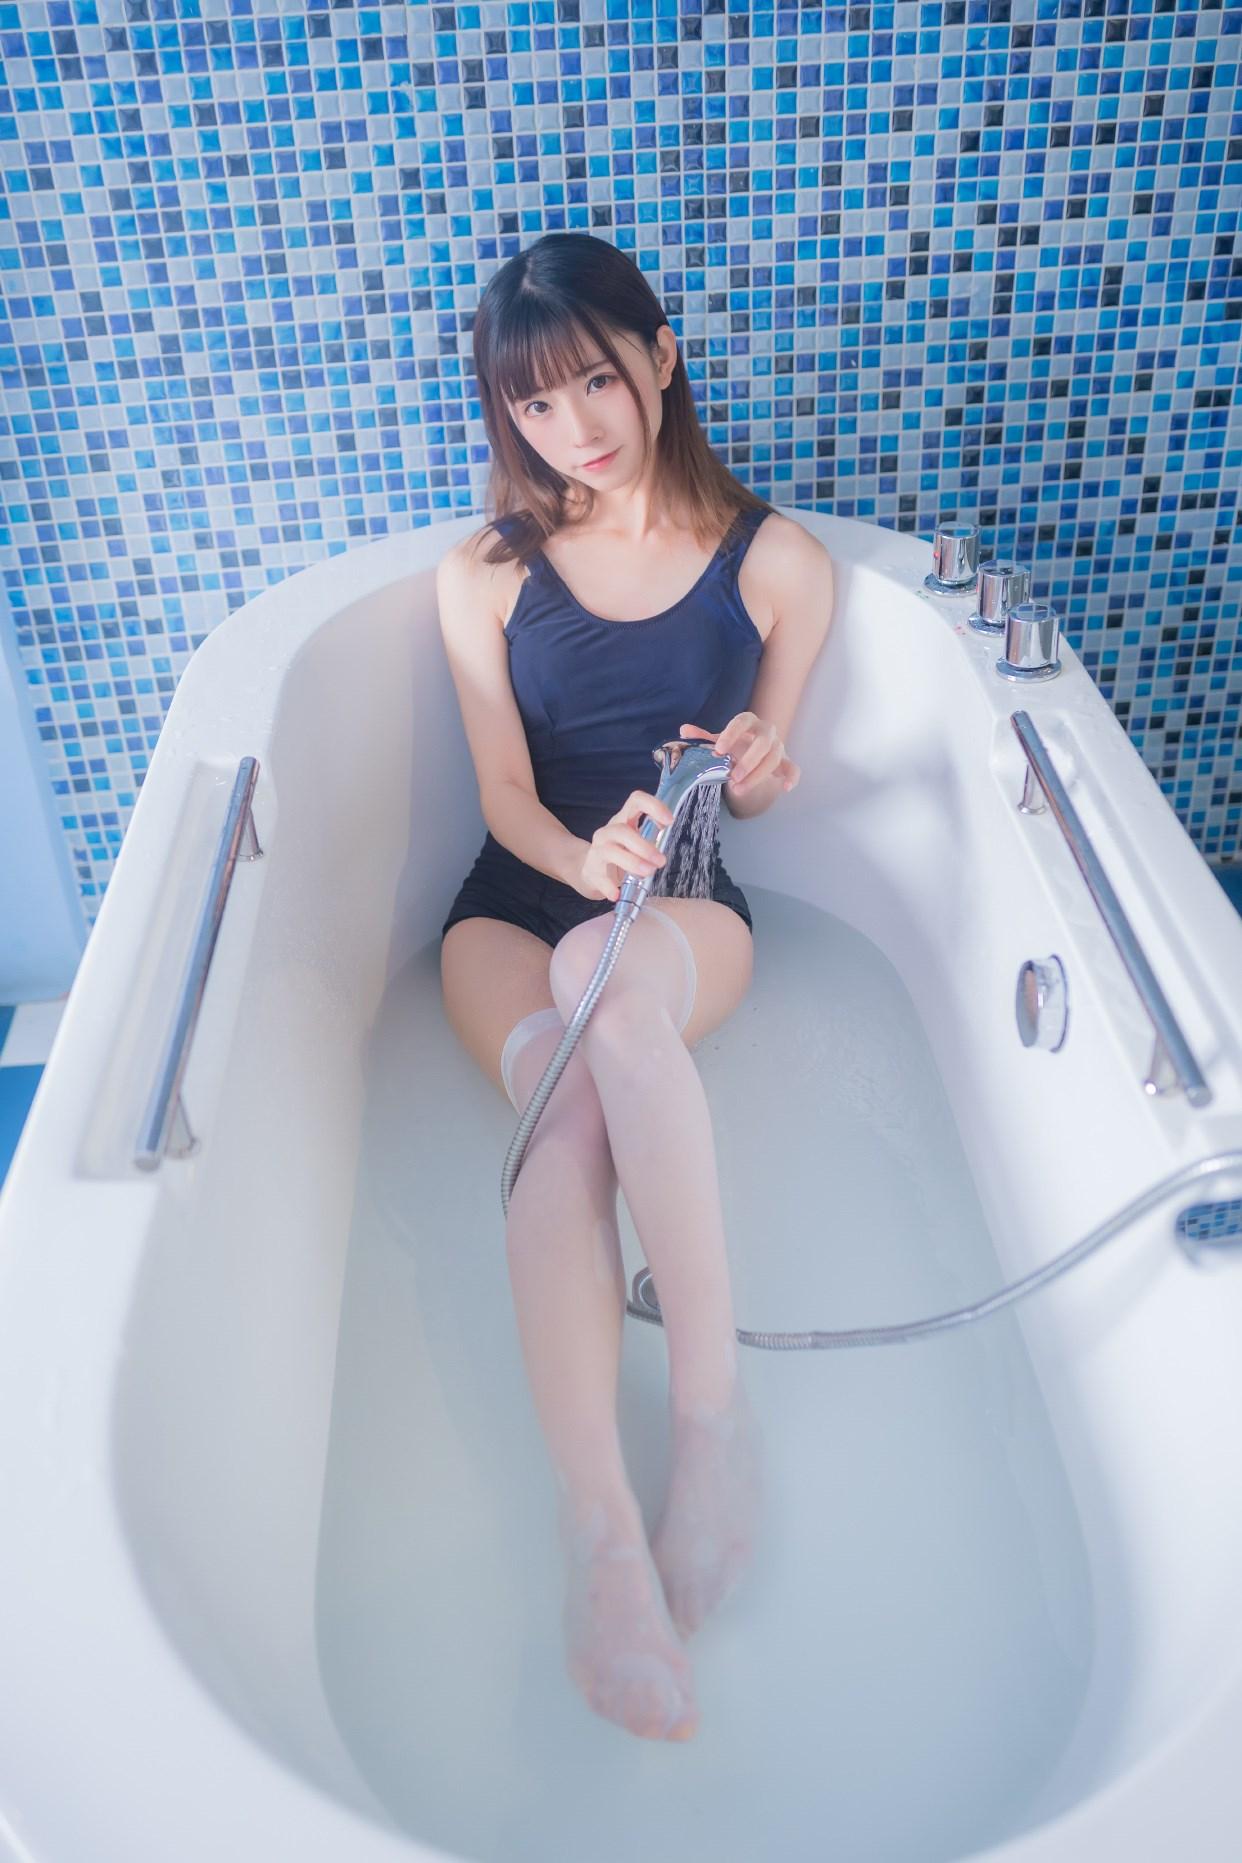 【兔玩映画】vol.18-浴室里 兔玩映画 第2张